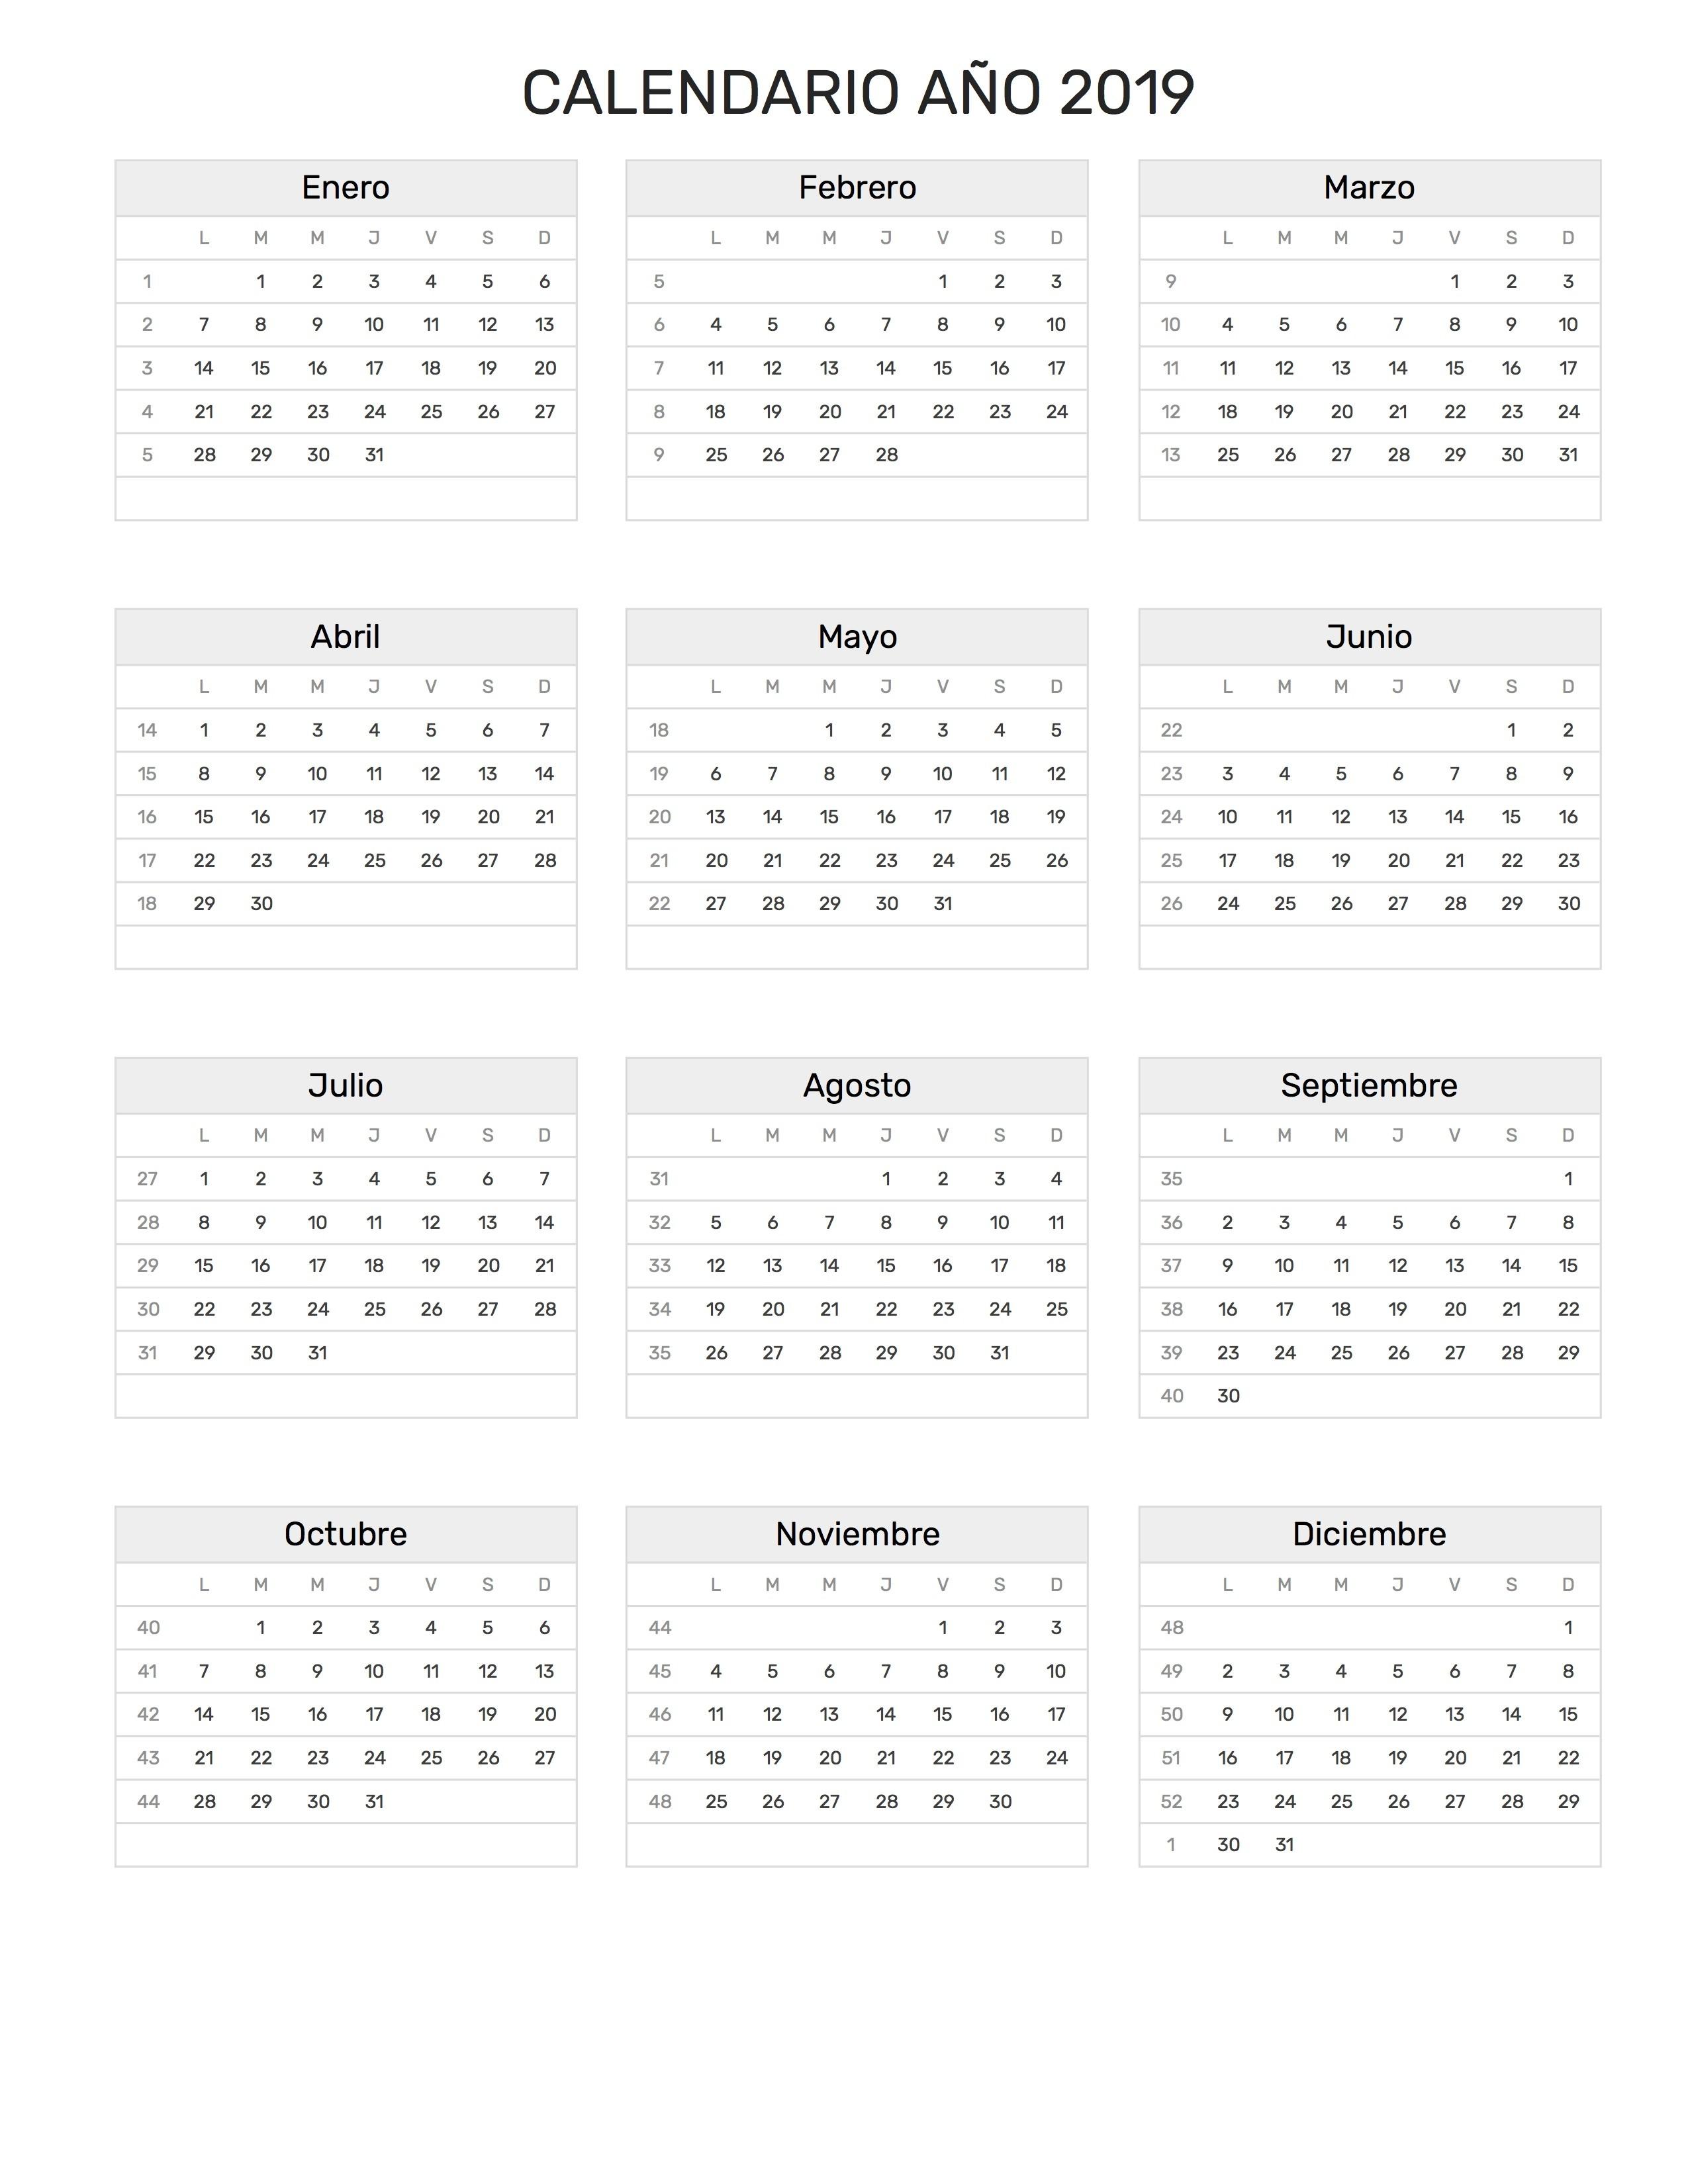 Calendario a±o 2019